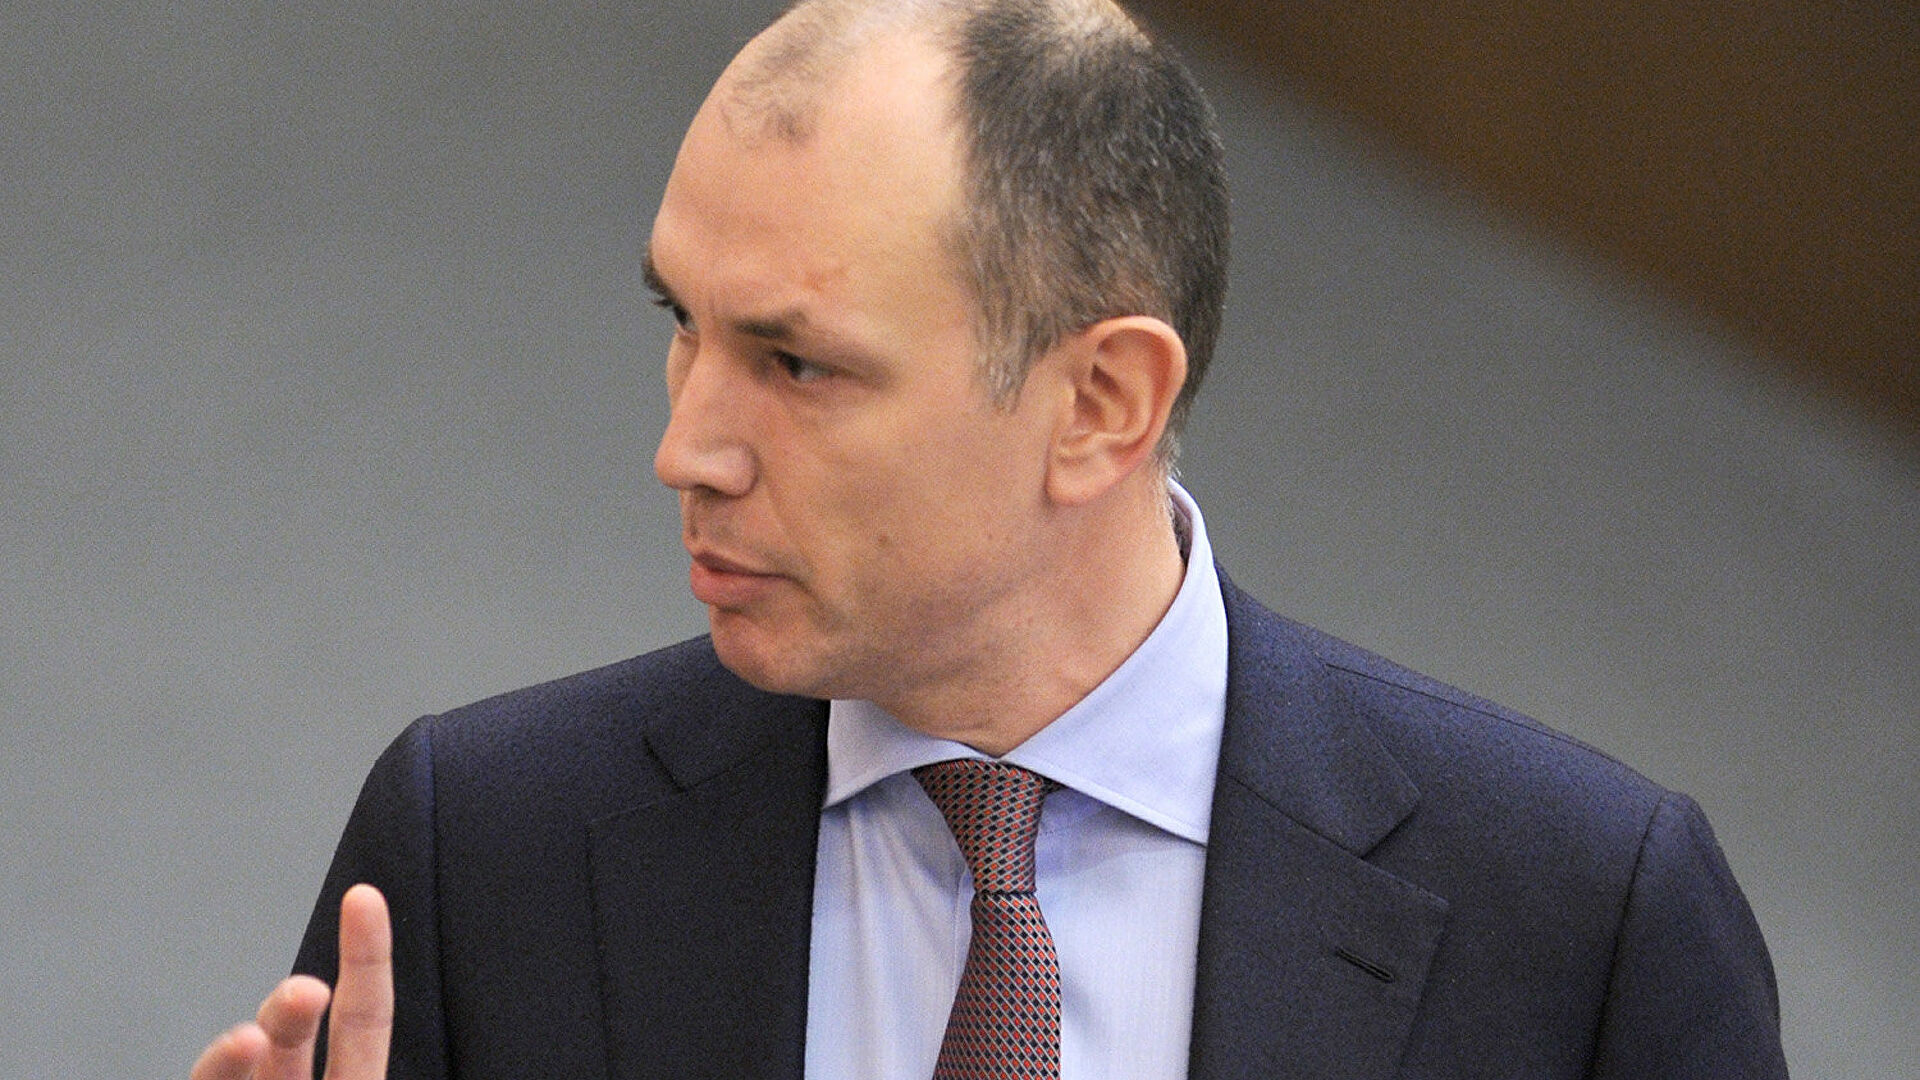 Председателем правительства Подмосковья стал Ильдар Габдрахманов